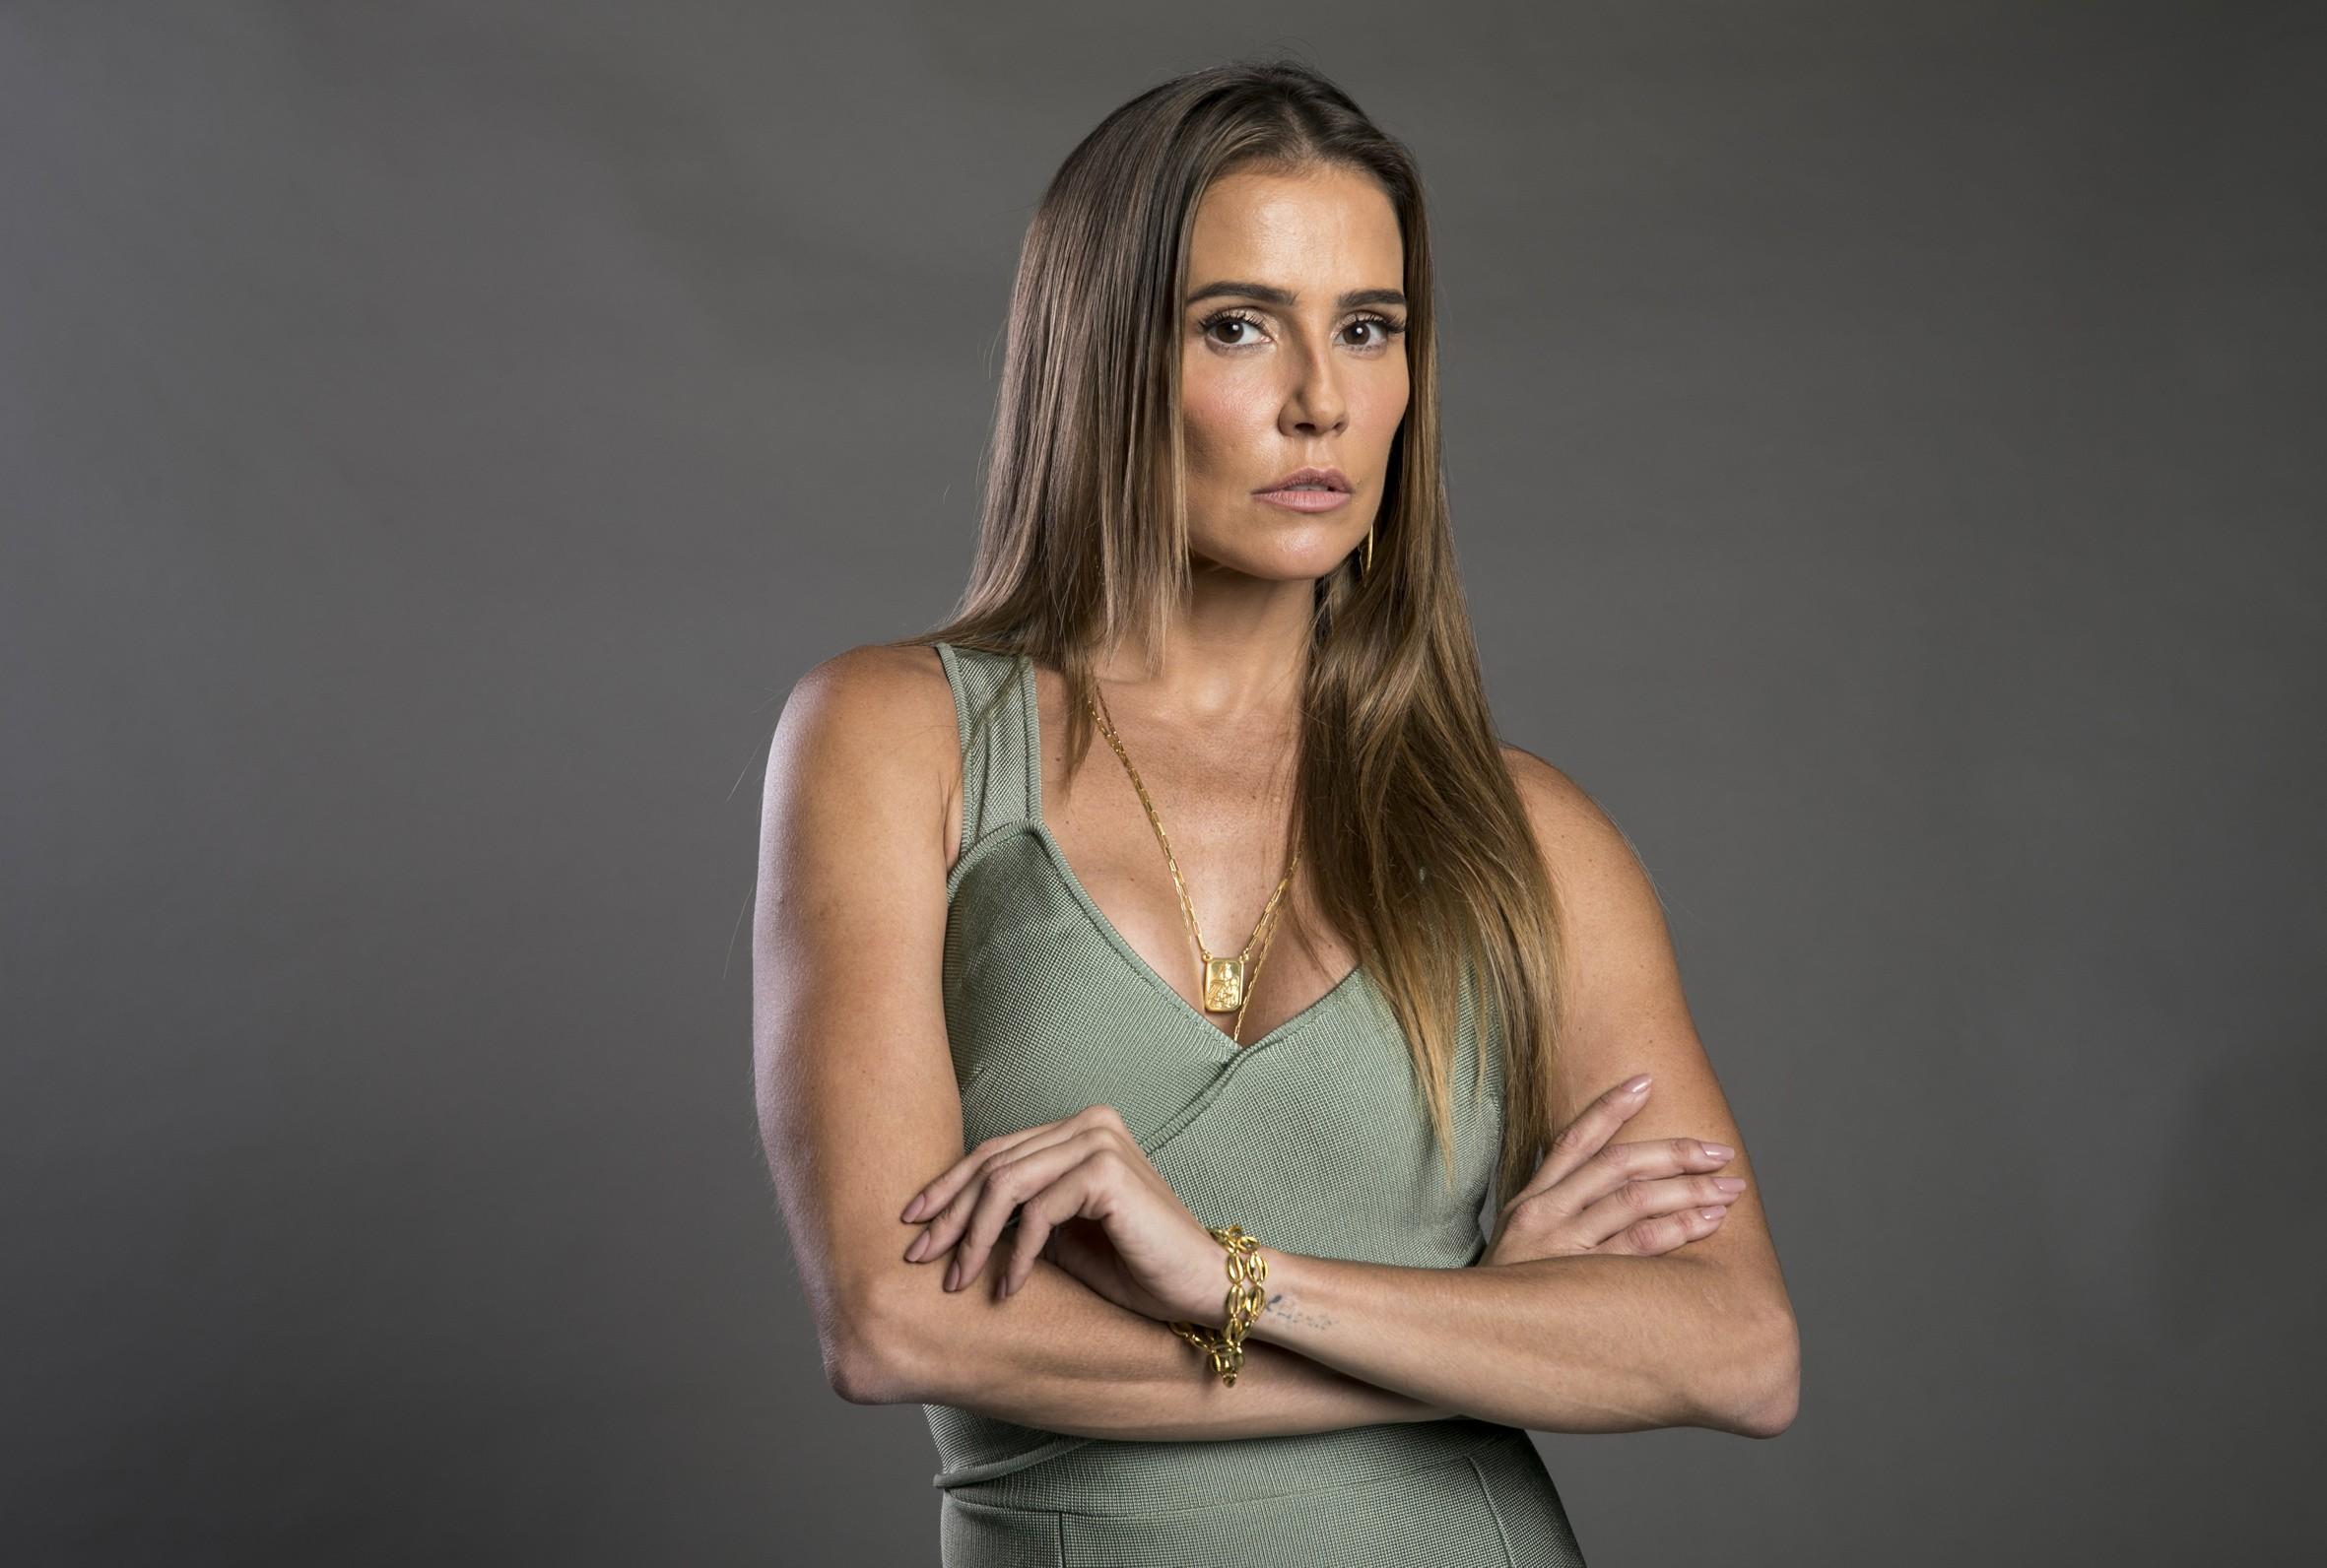 Deborah Secco em Segundo Sol, interpretando Karola (foto: divulgação/TV Globo)